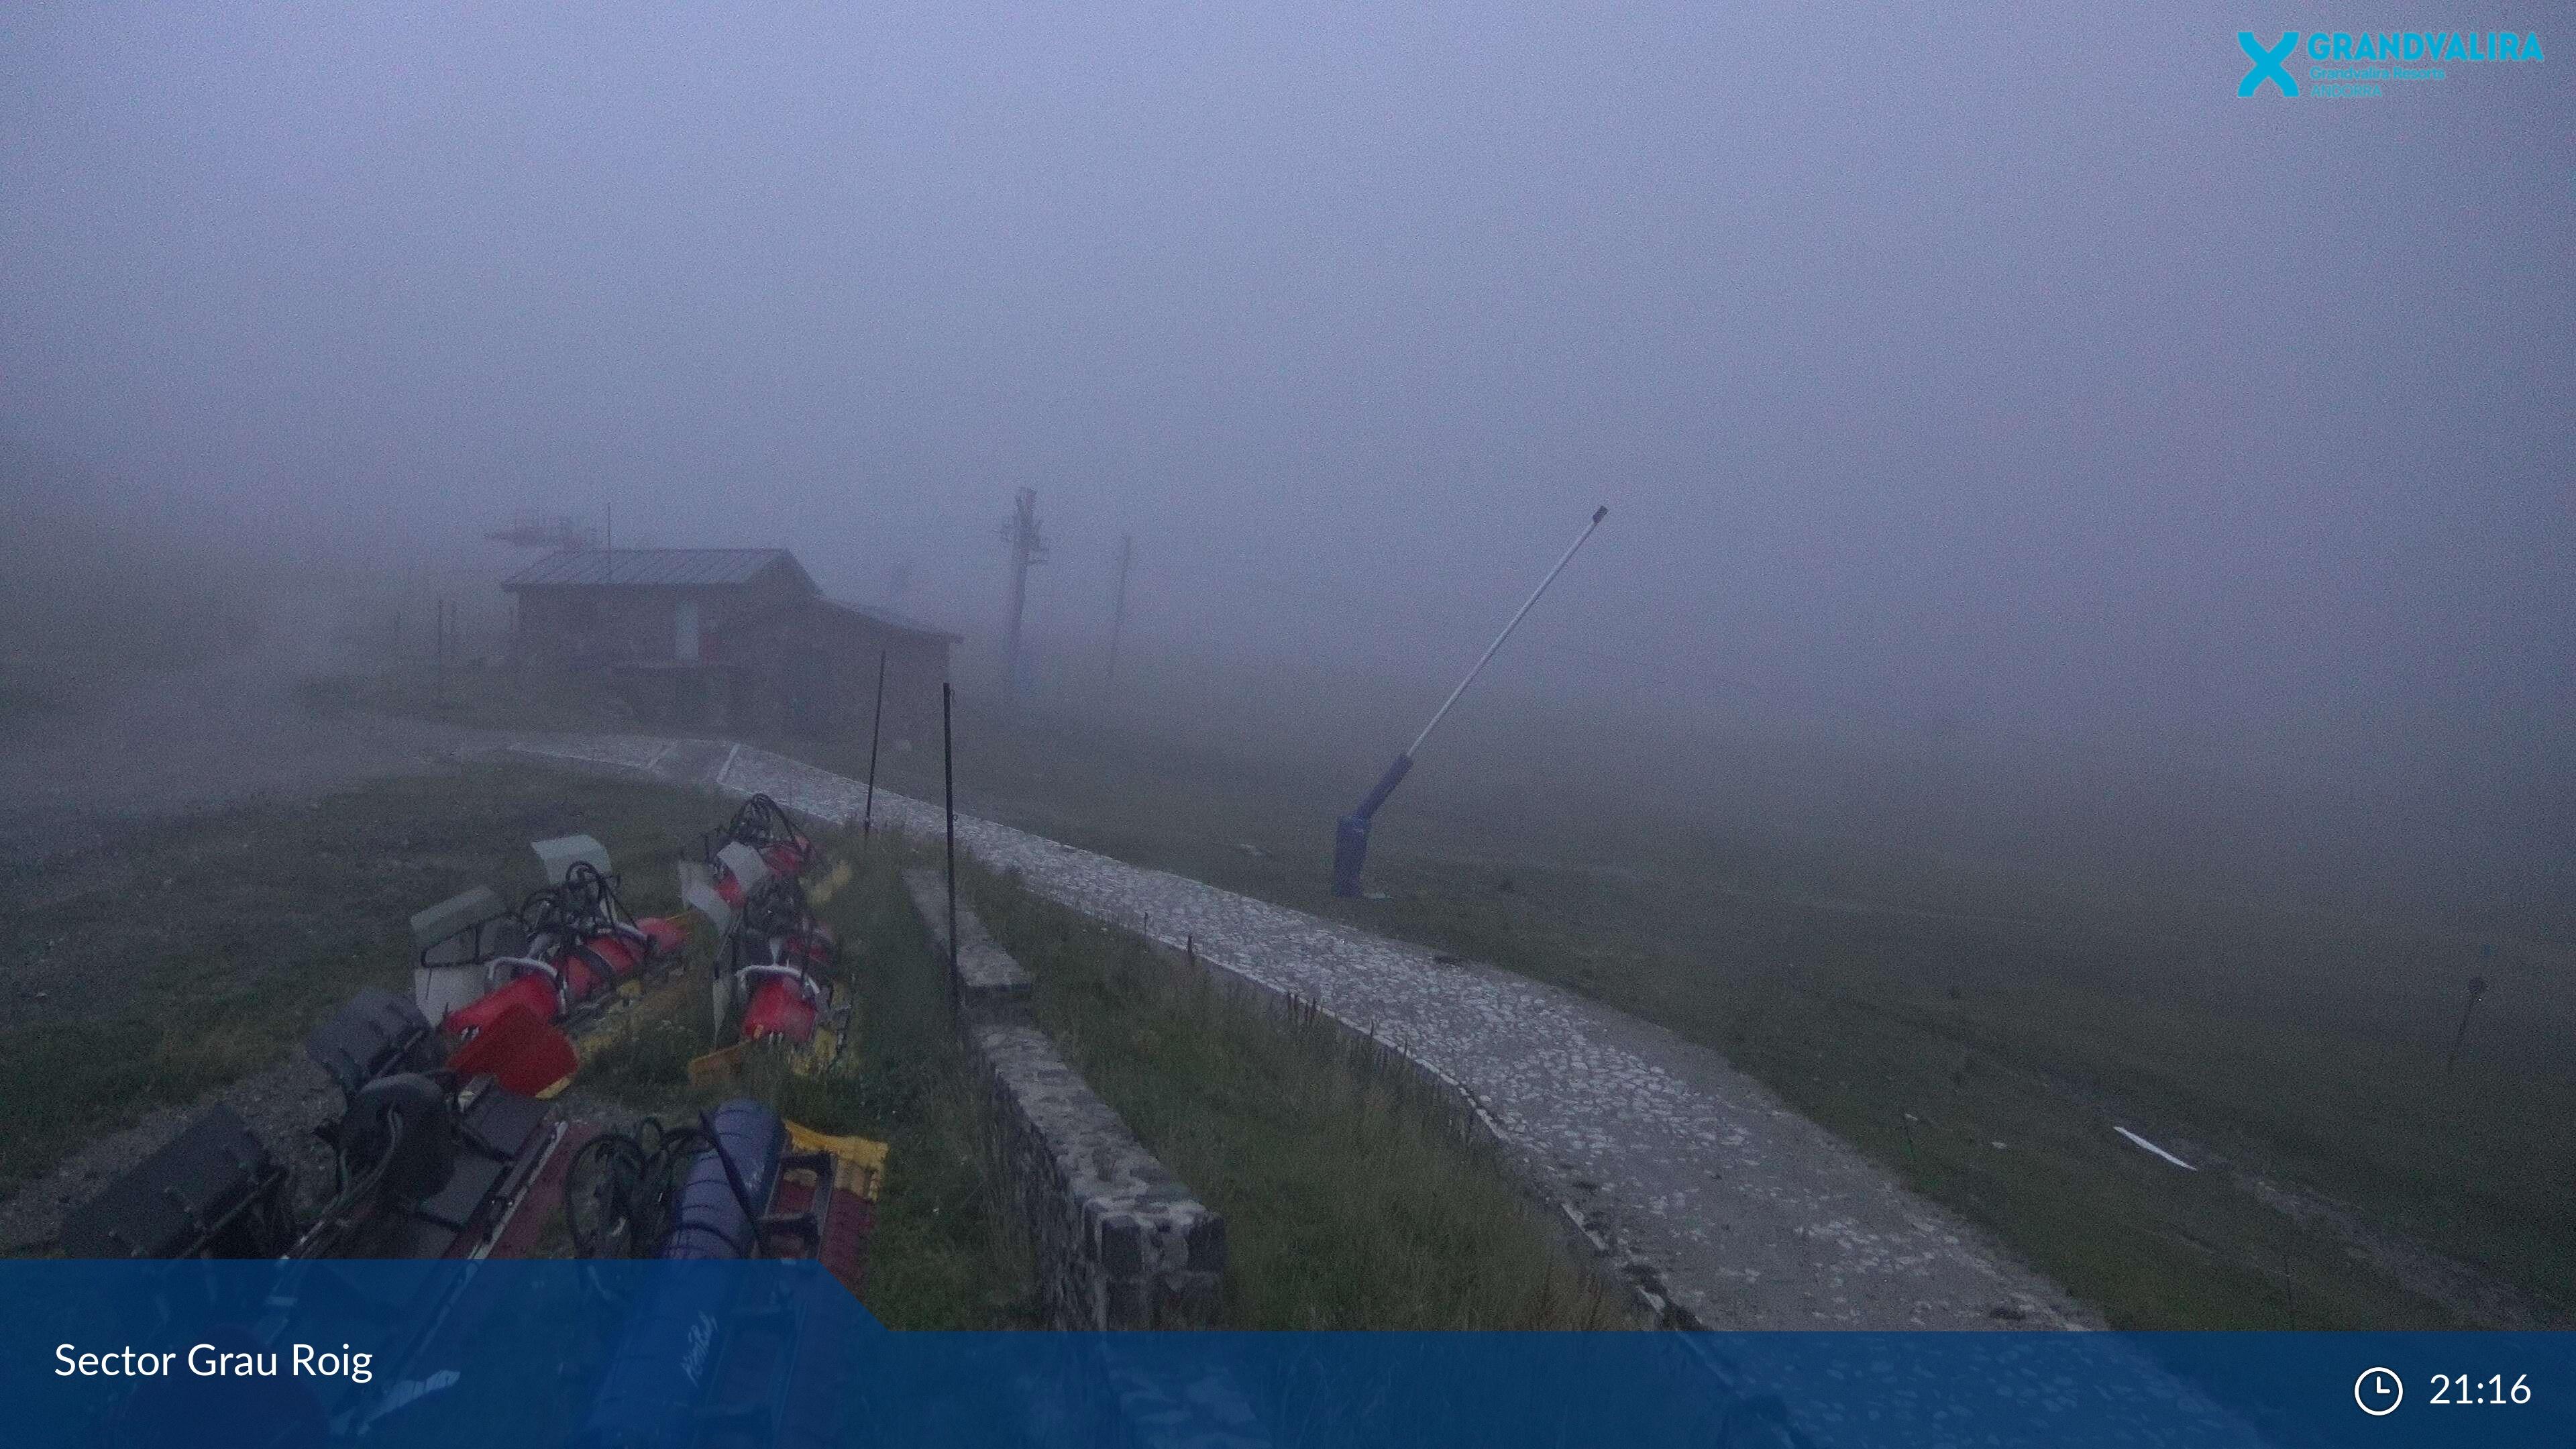 Webcam en Grau Roig - Piolet